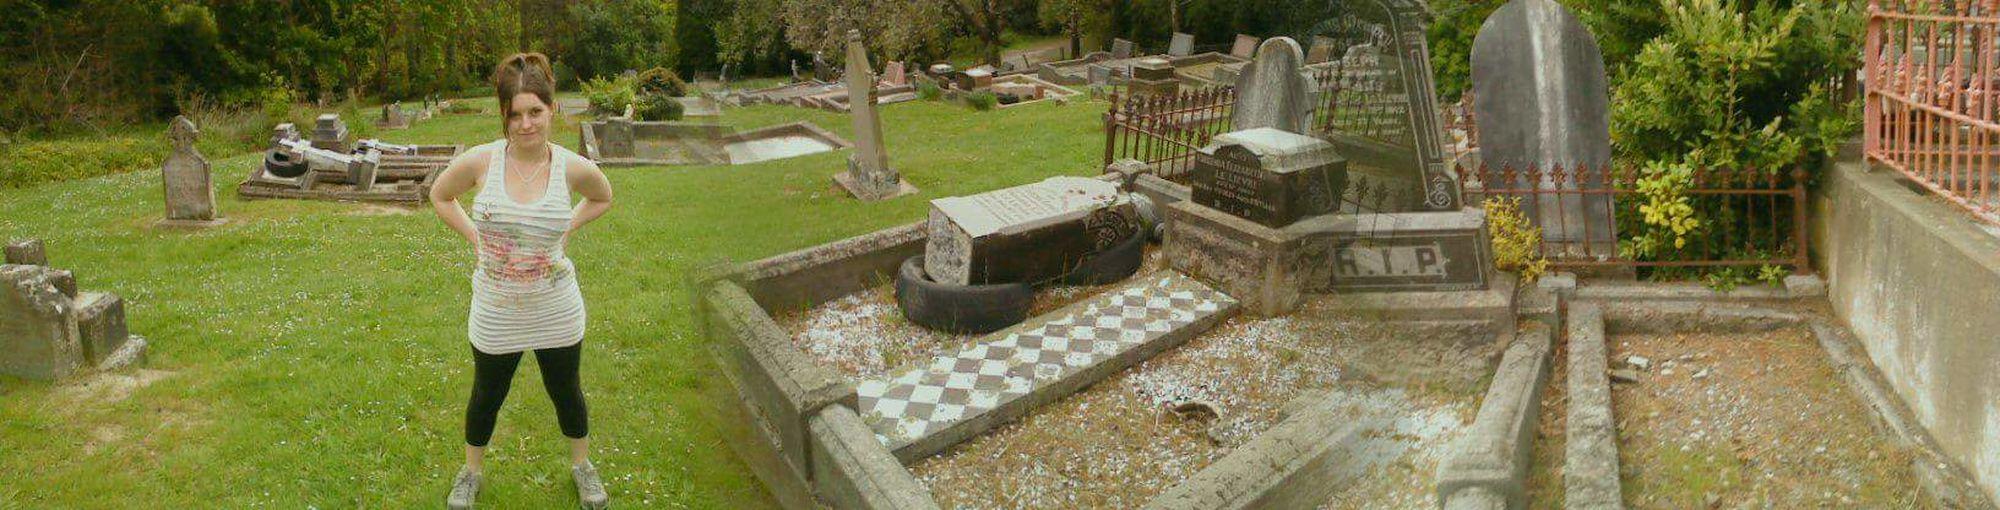 Crematorium Paying Respect. 😚